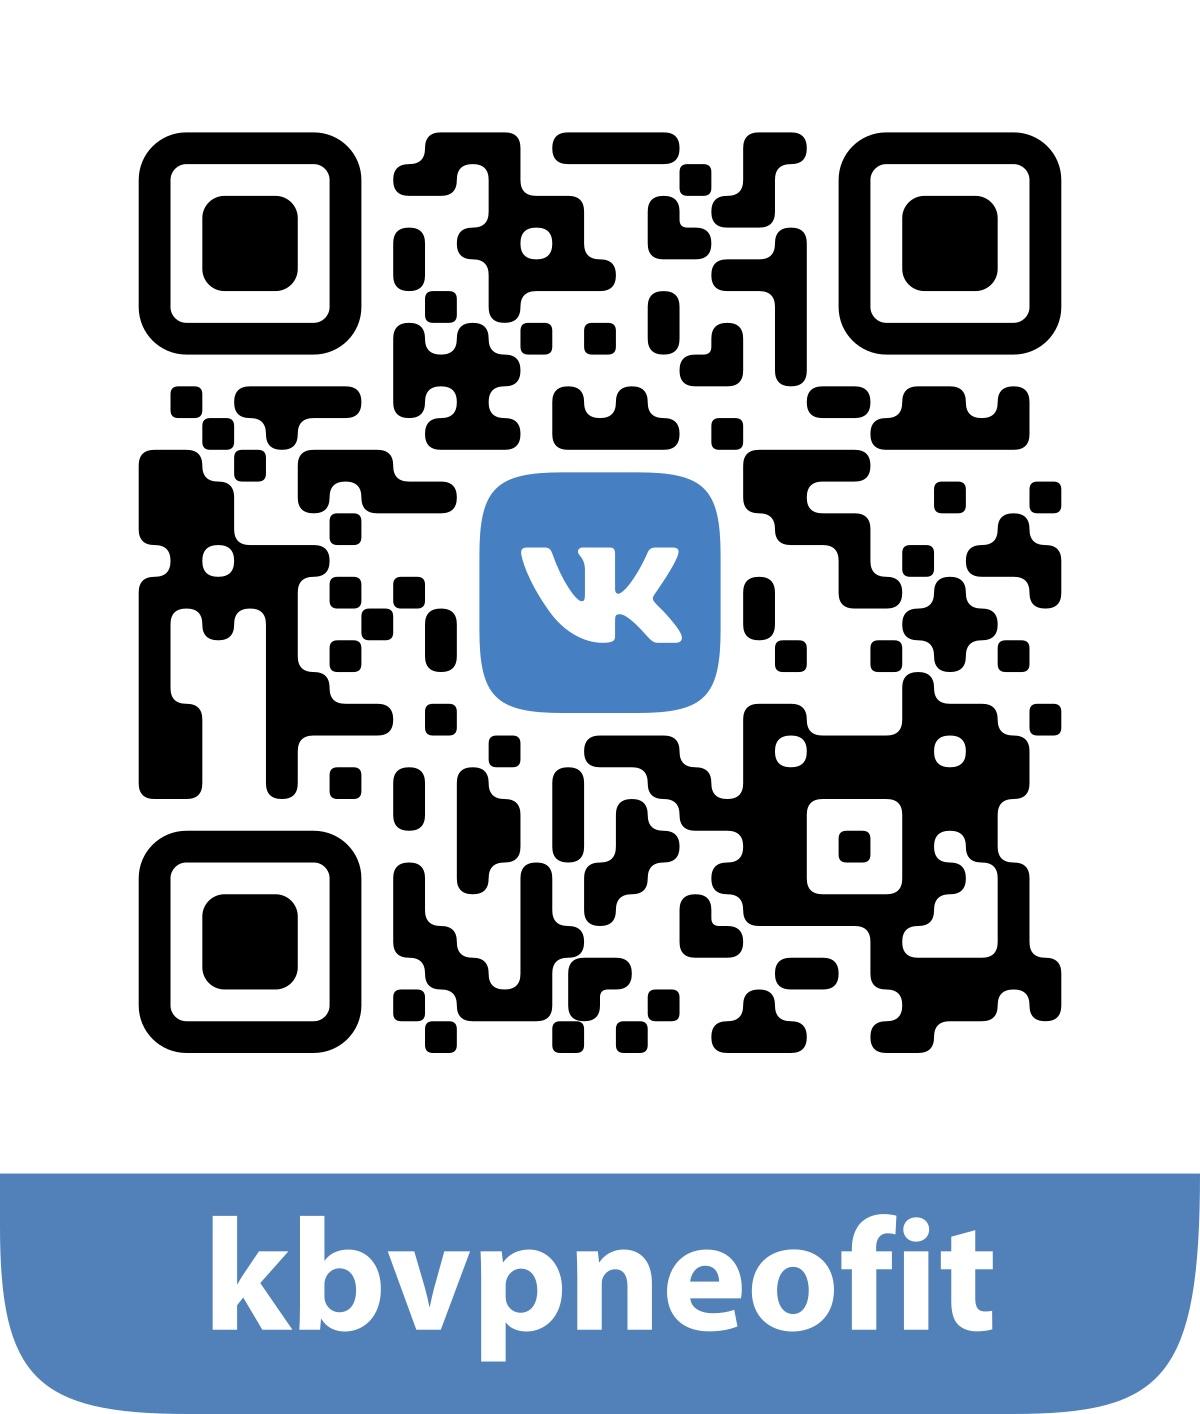 QR код моей группы ВК